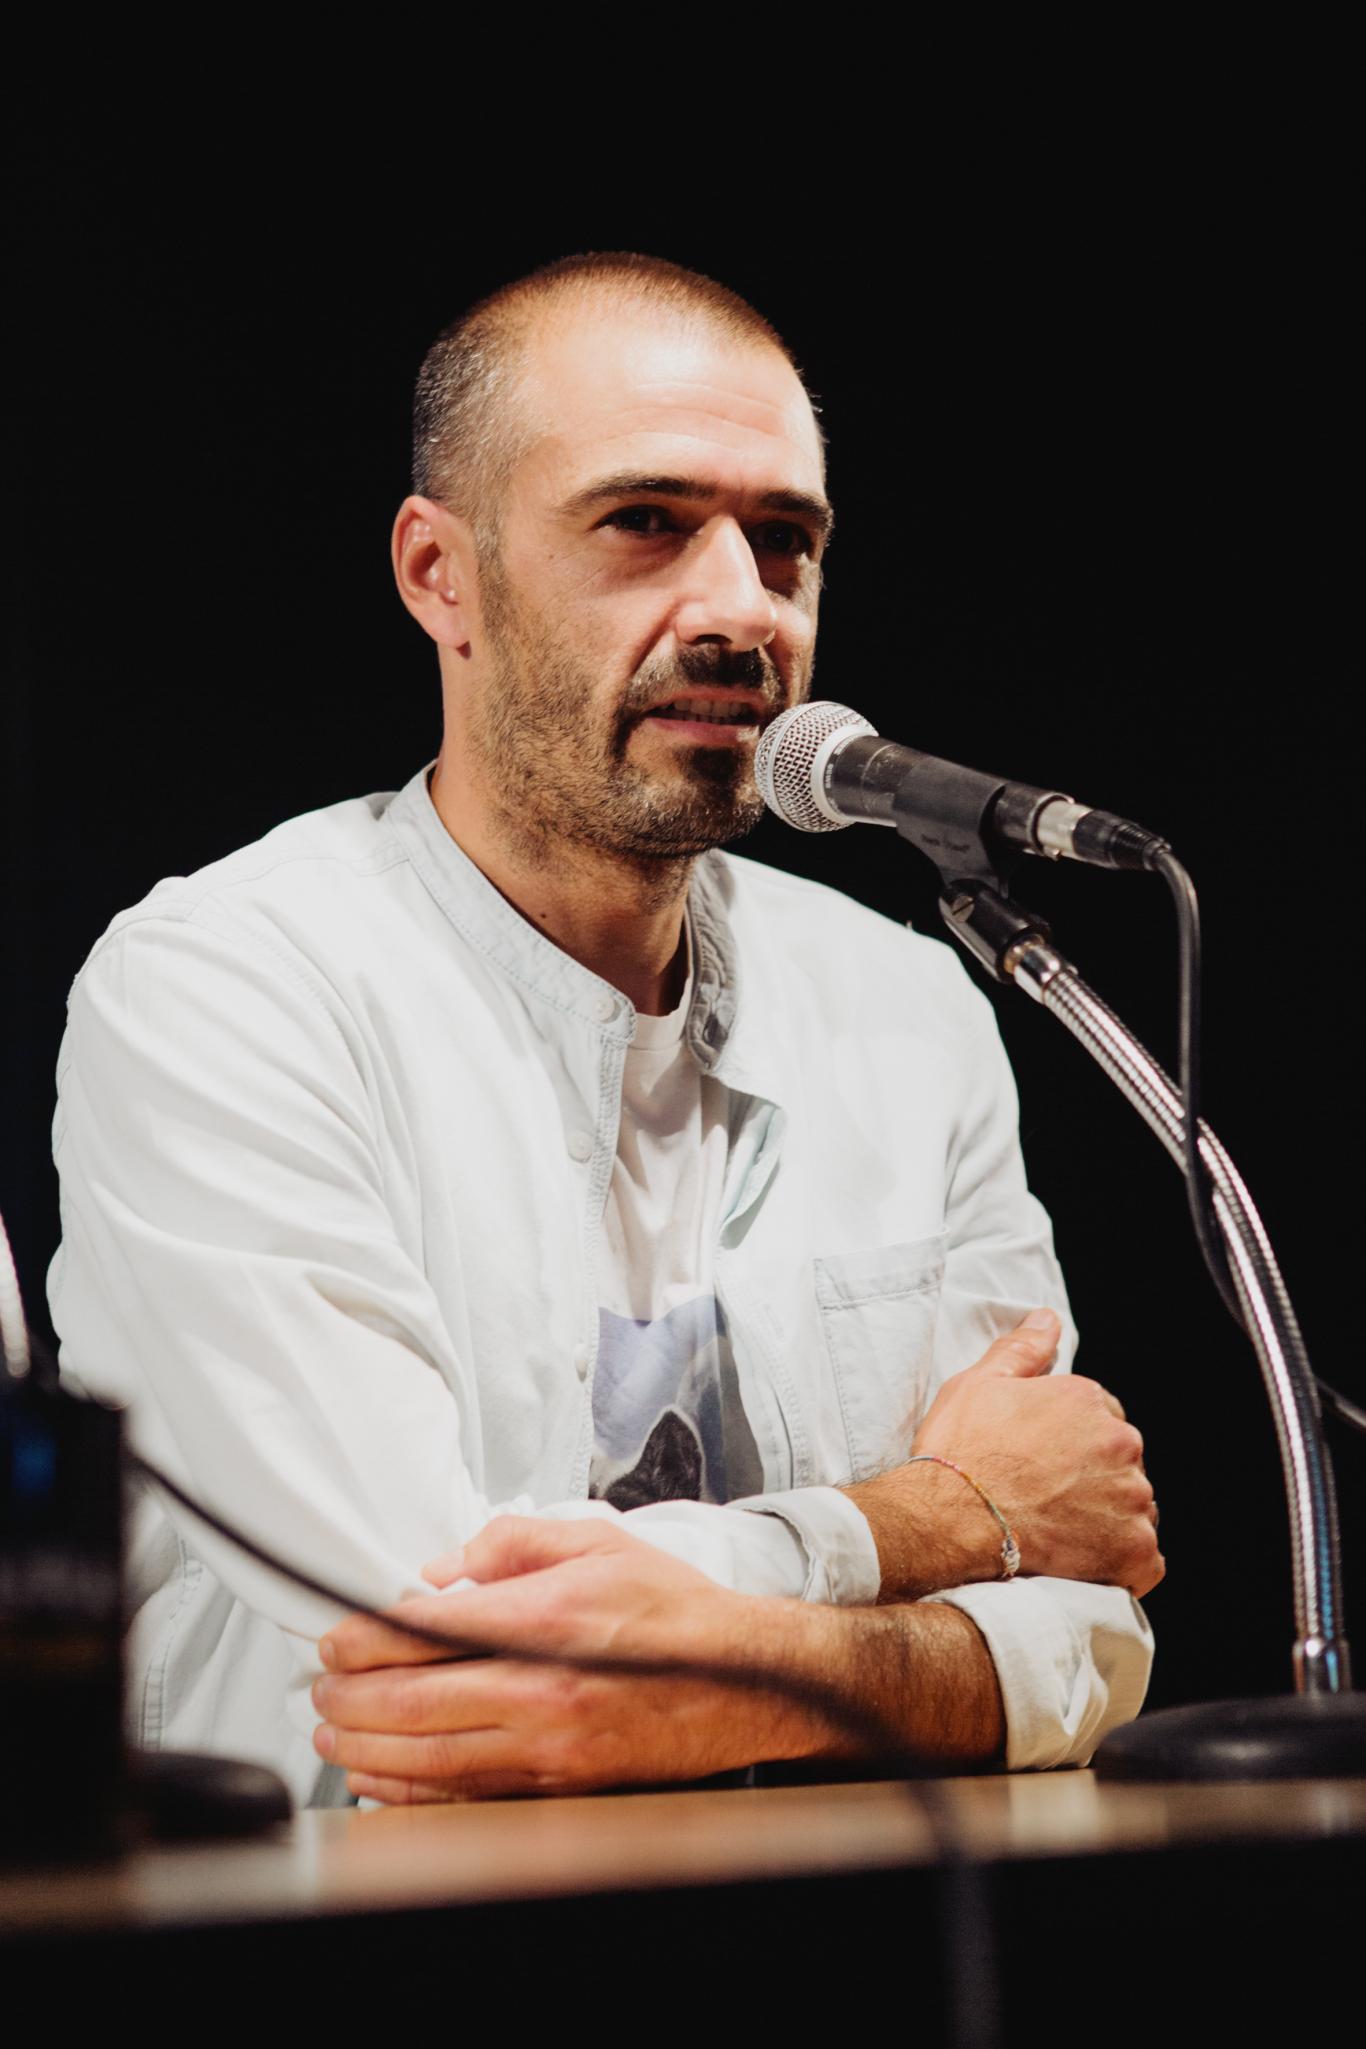 Filipe Bacelo